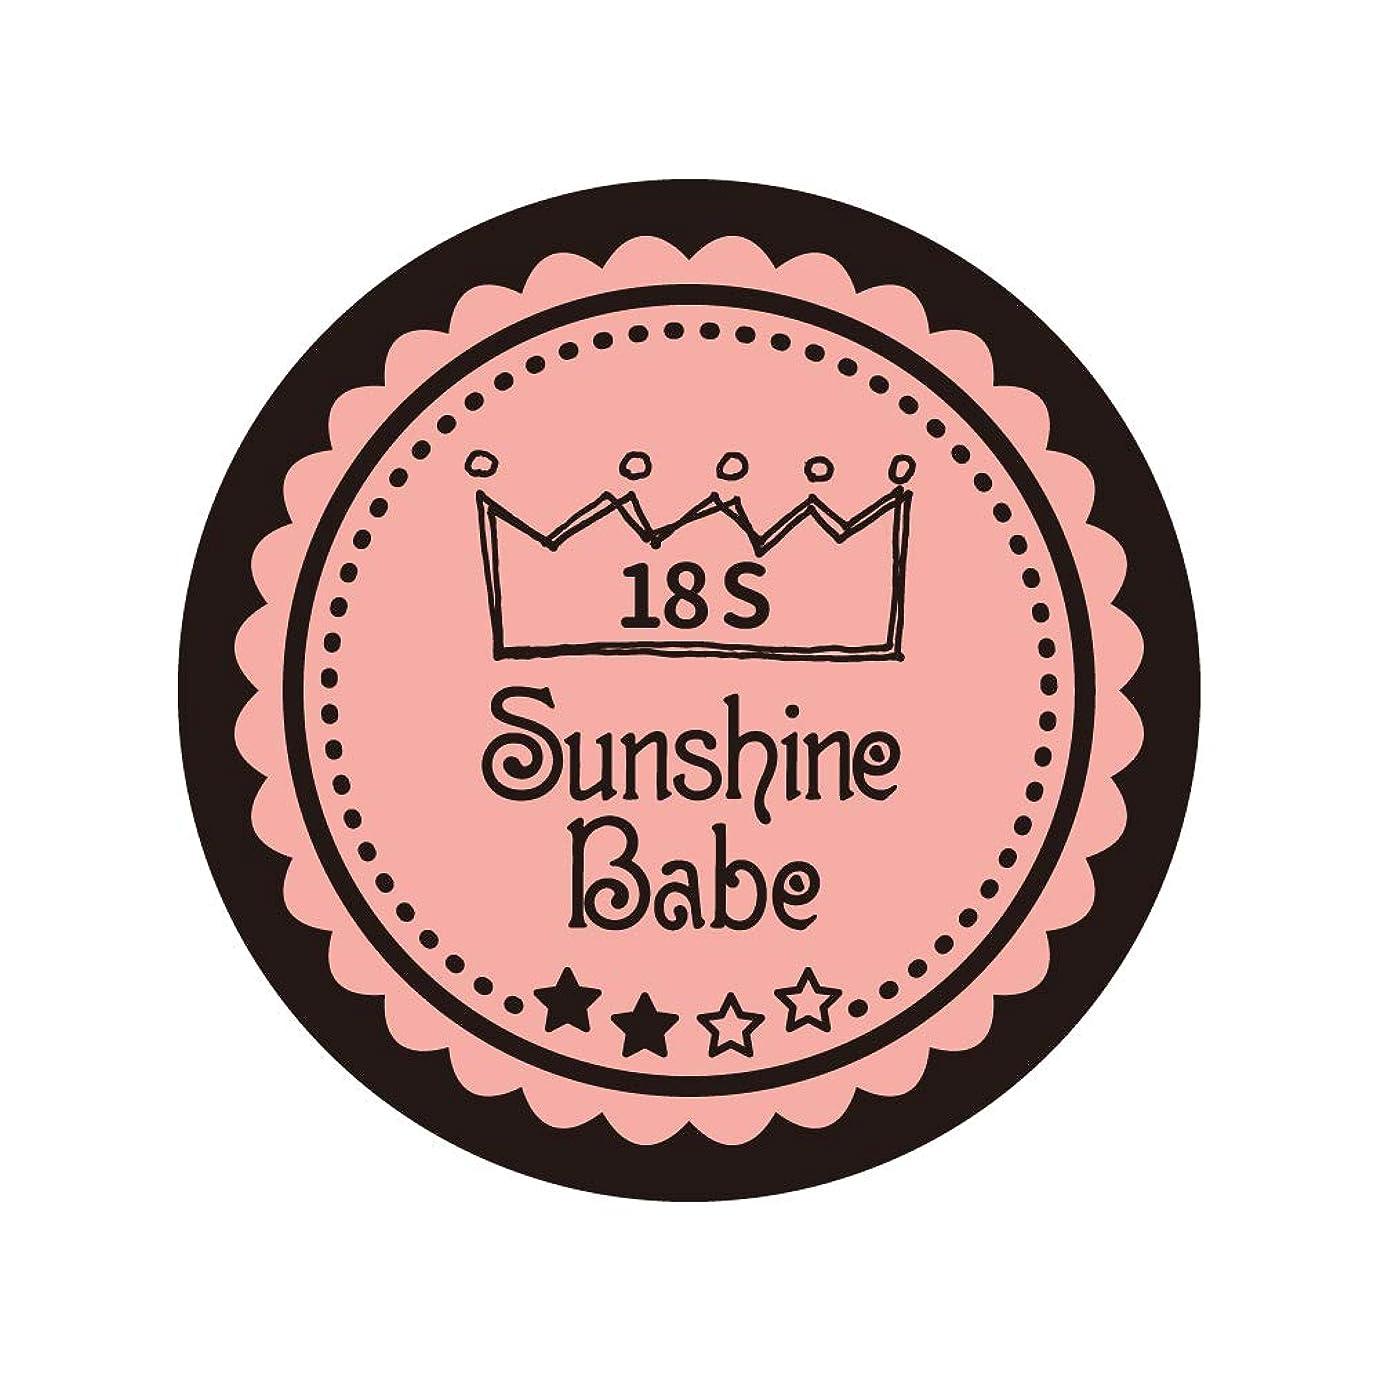 残高ブリーフケース組み合わせるSunshine Babe カラージェル 18S ロマンティックベリー 2.7g UV/LED対応